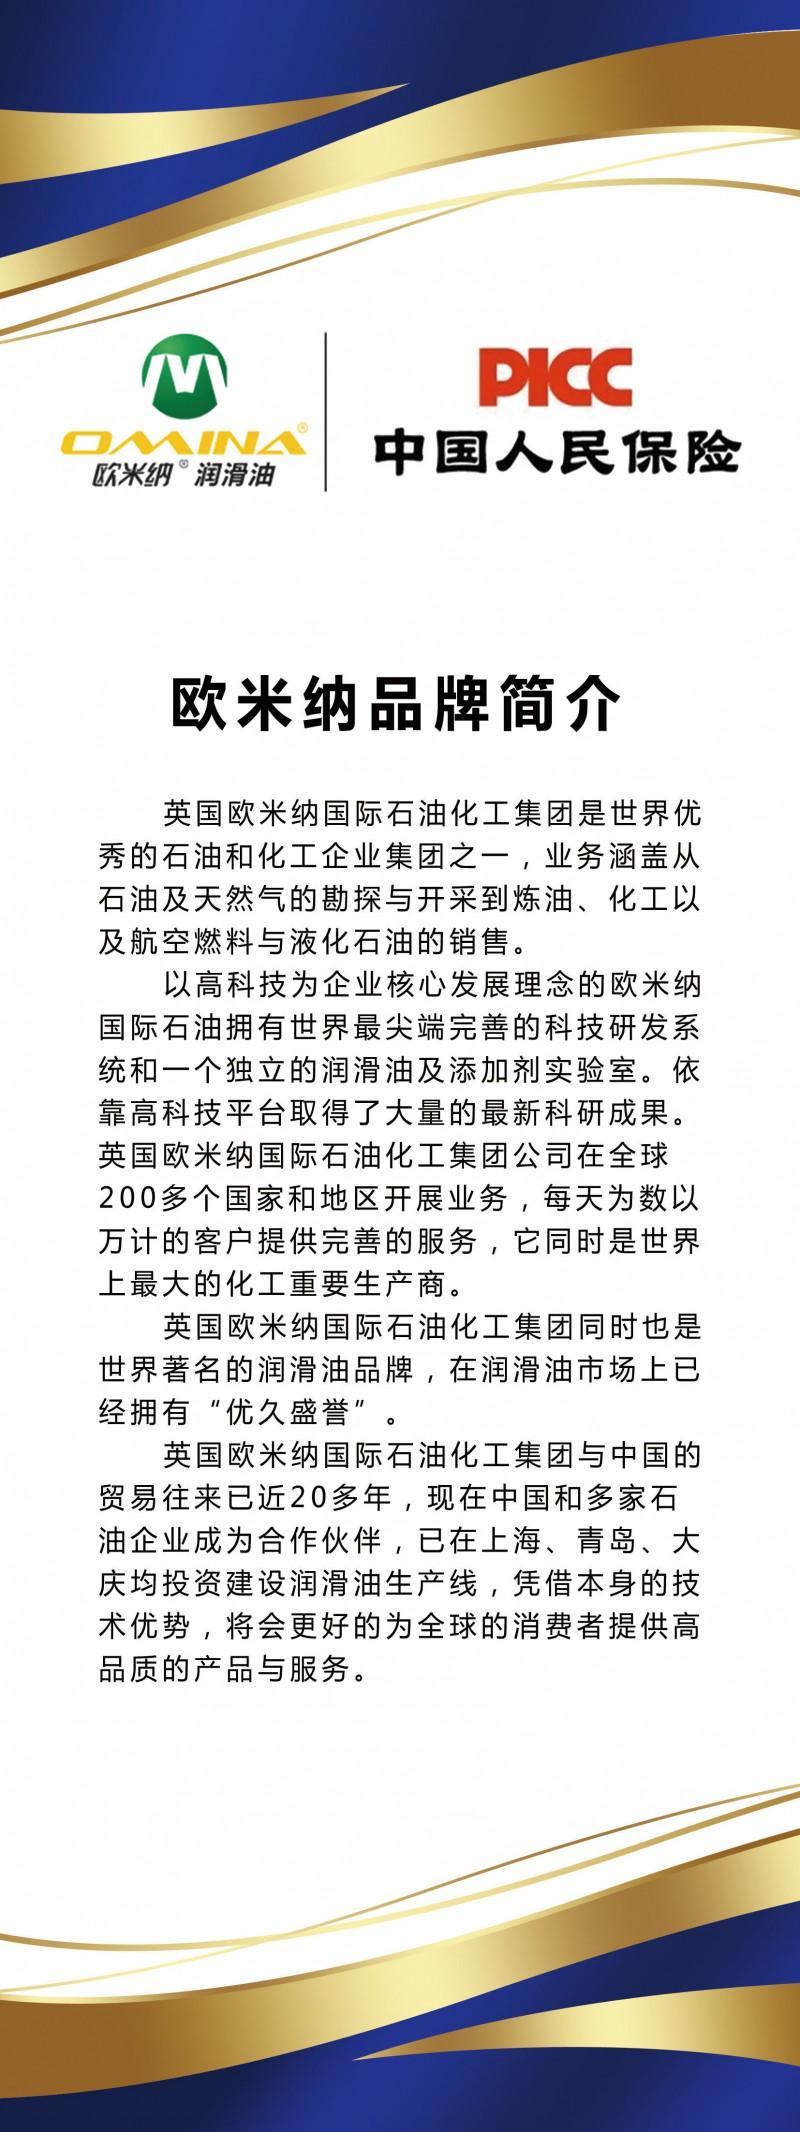 企业简介X展架_看图王_看图王.jpg